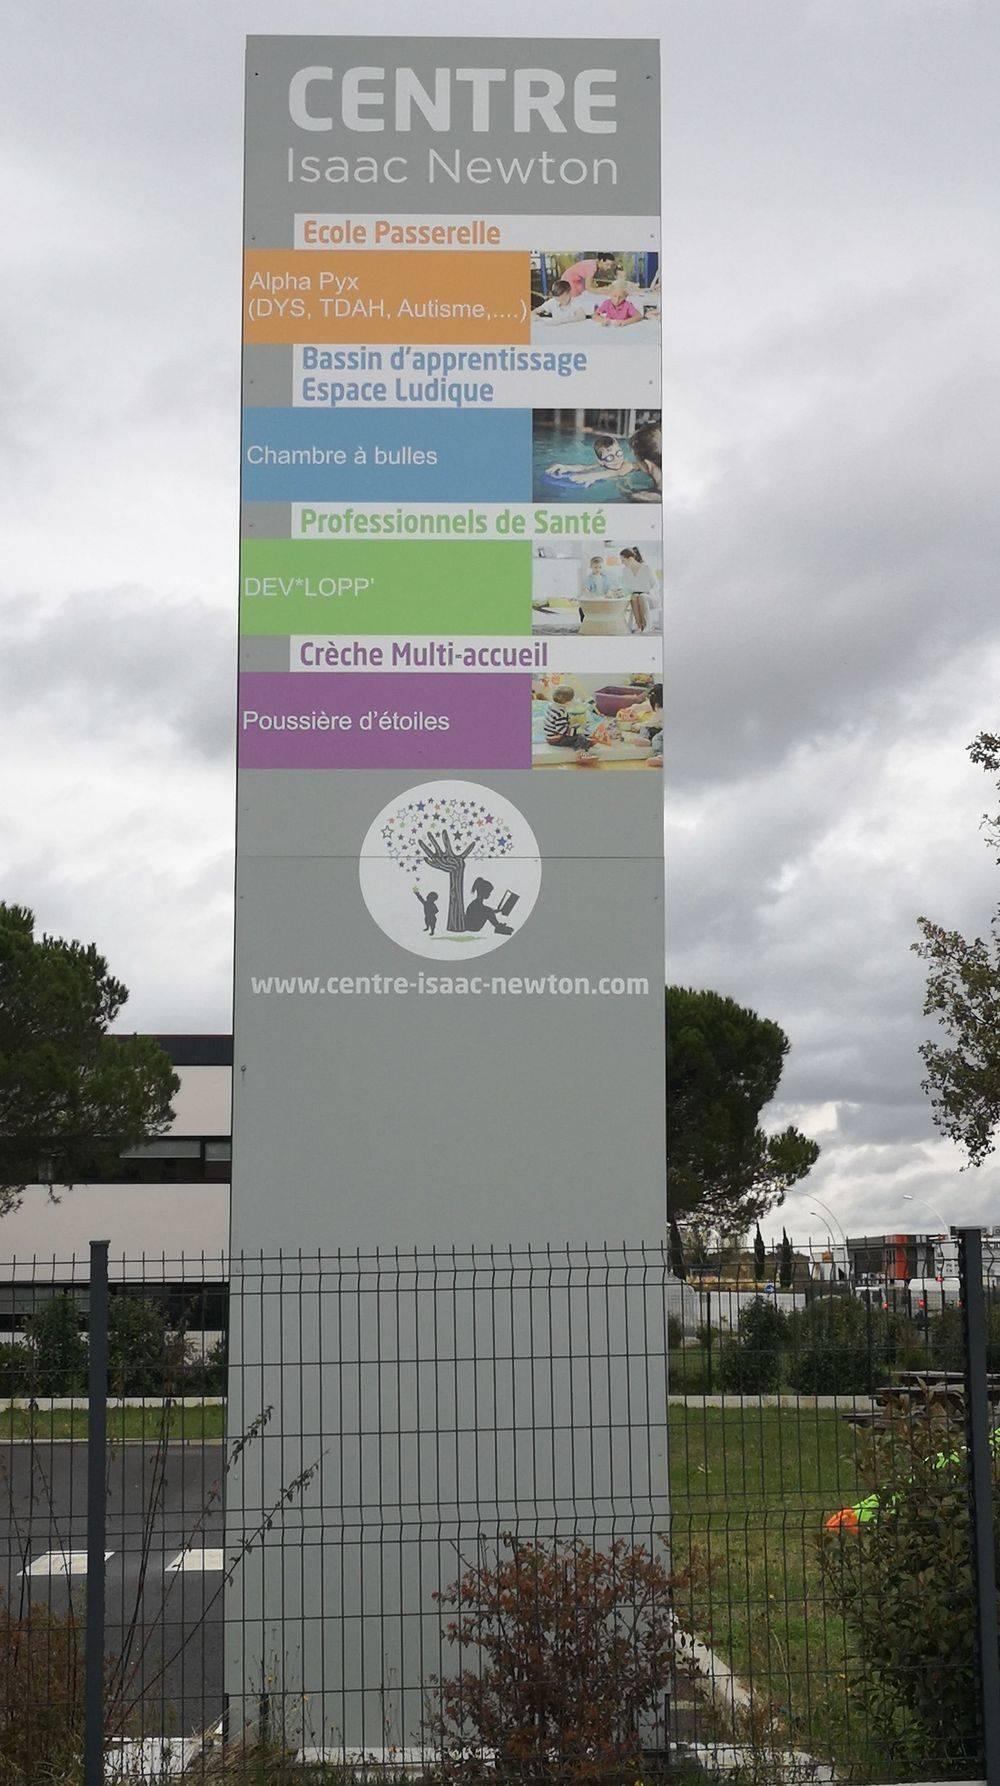 Centre médical, Centre d'affaires, Piscine couverte, École primaire, Crèche, Sage-femme, Ostéopathe, Psychologue, Orthophoniste, Psychologue pour enfants